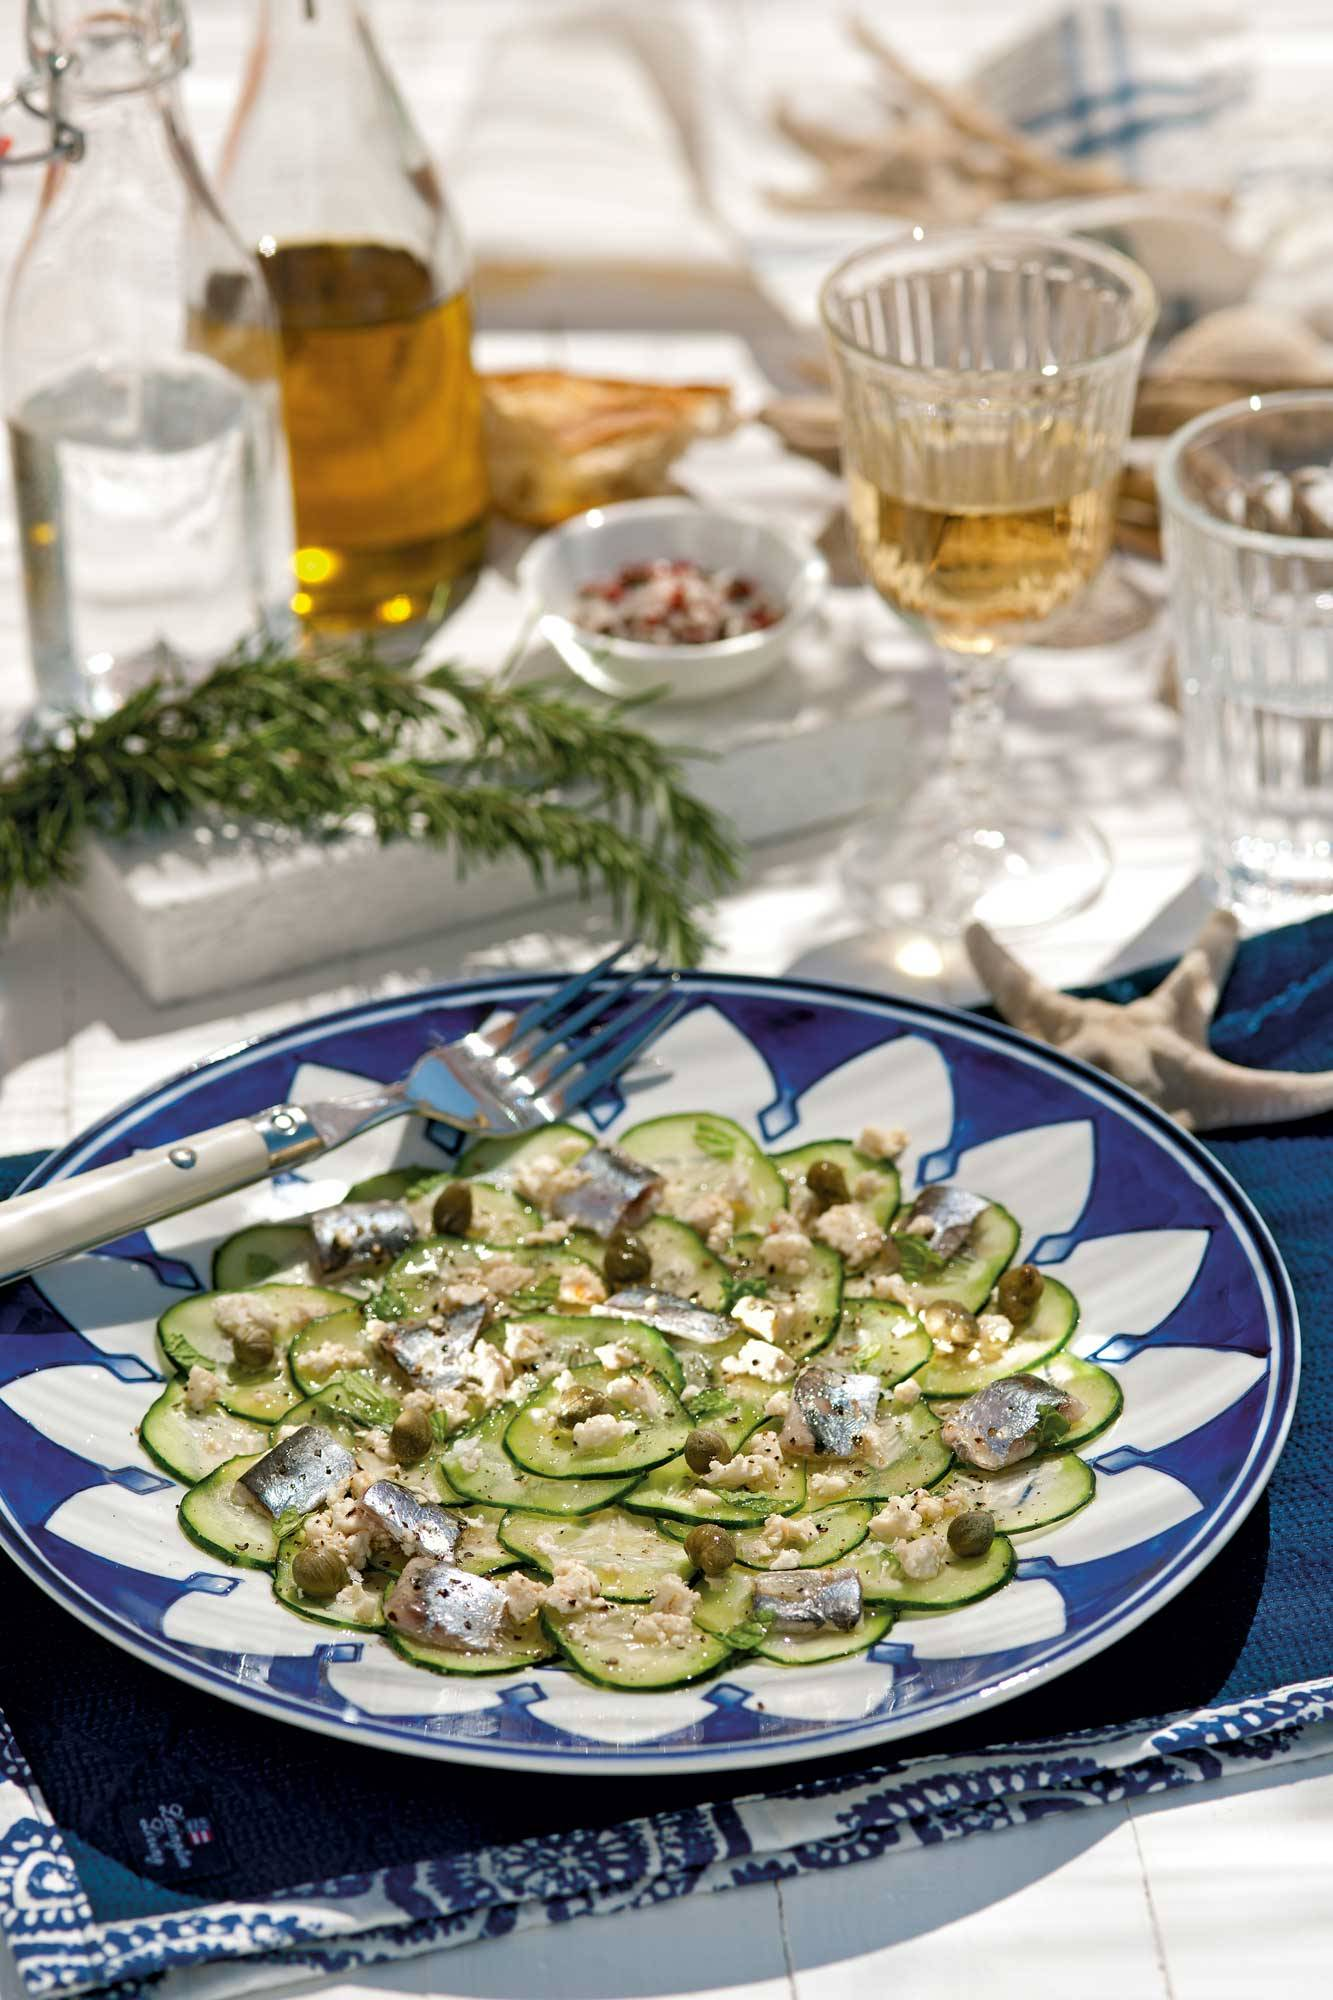 recipes-improve-health-carpaccio-cucumber 00386319